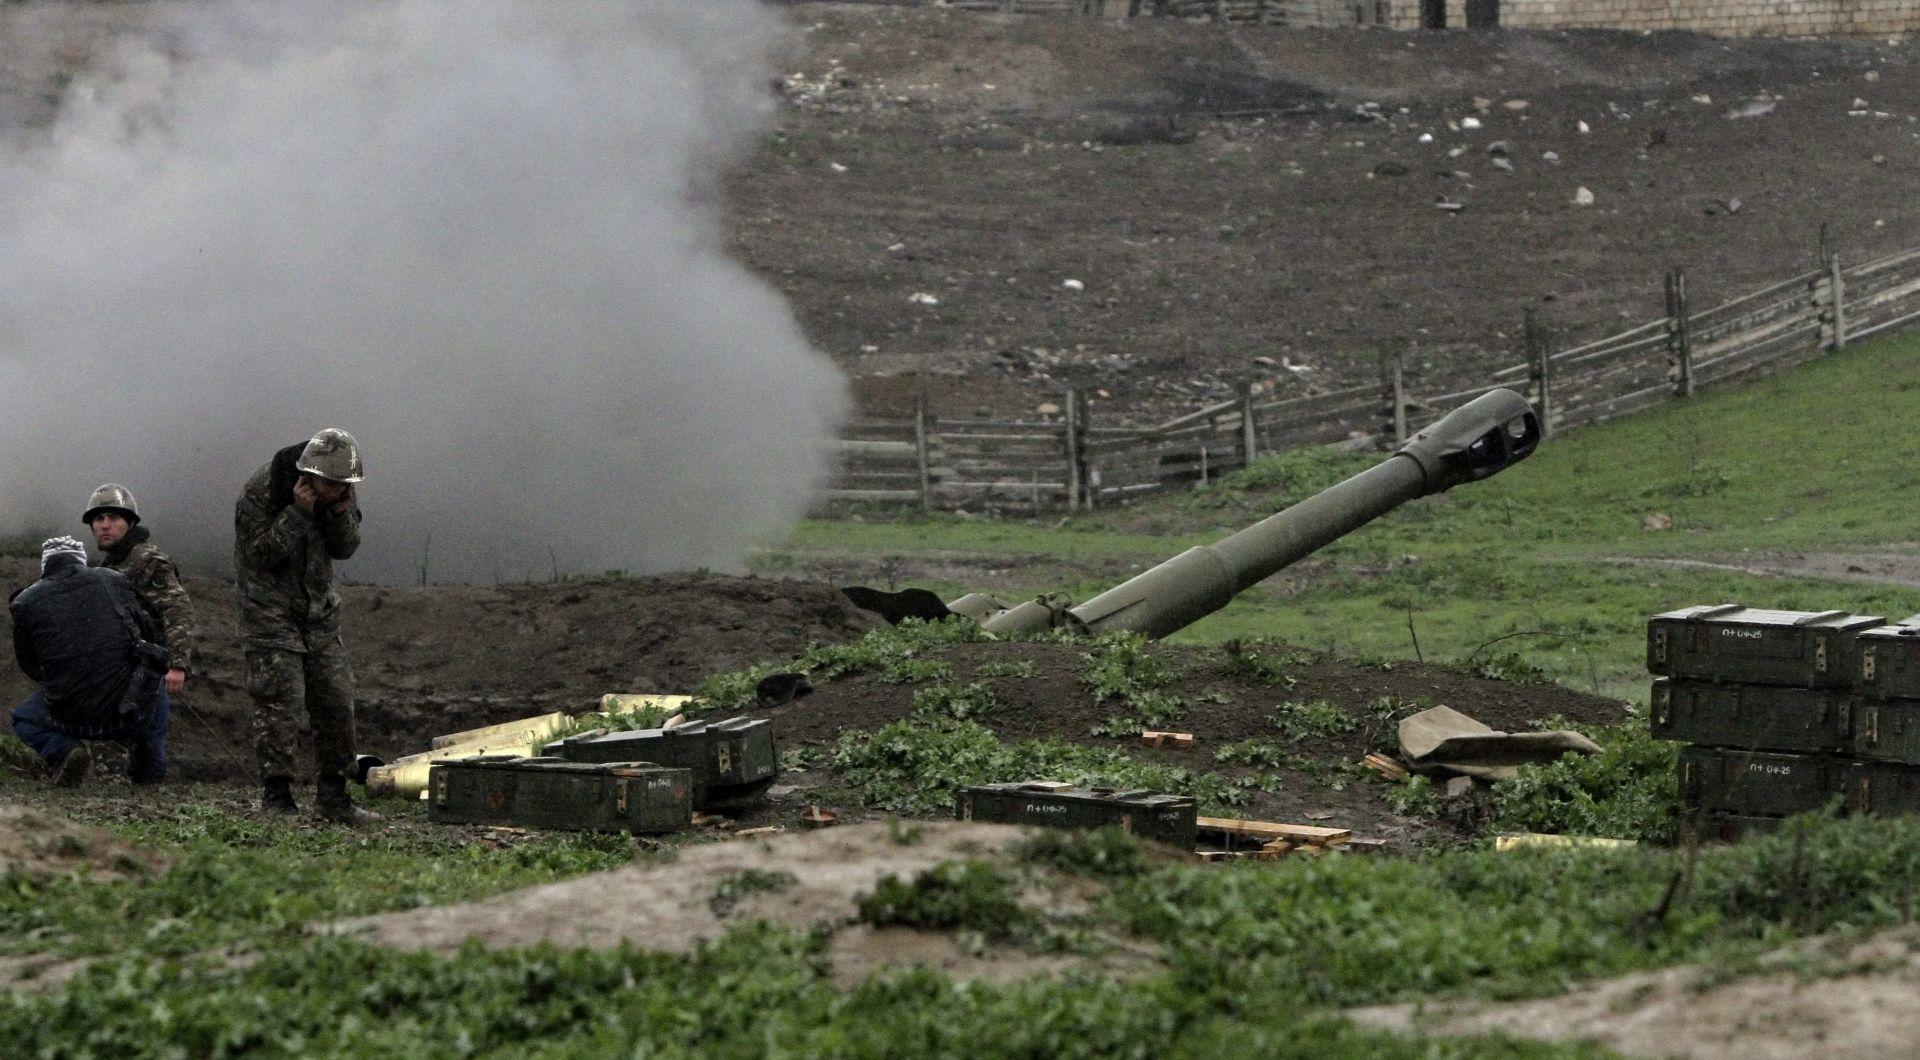 Armenija upozorava da bi sukob u Nagorno-Karabahu mogao prerasti u otvoreni rat